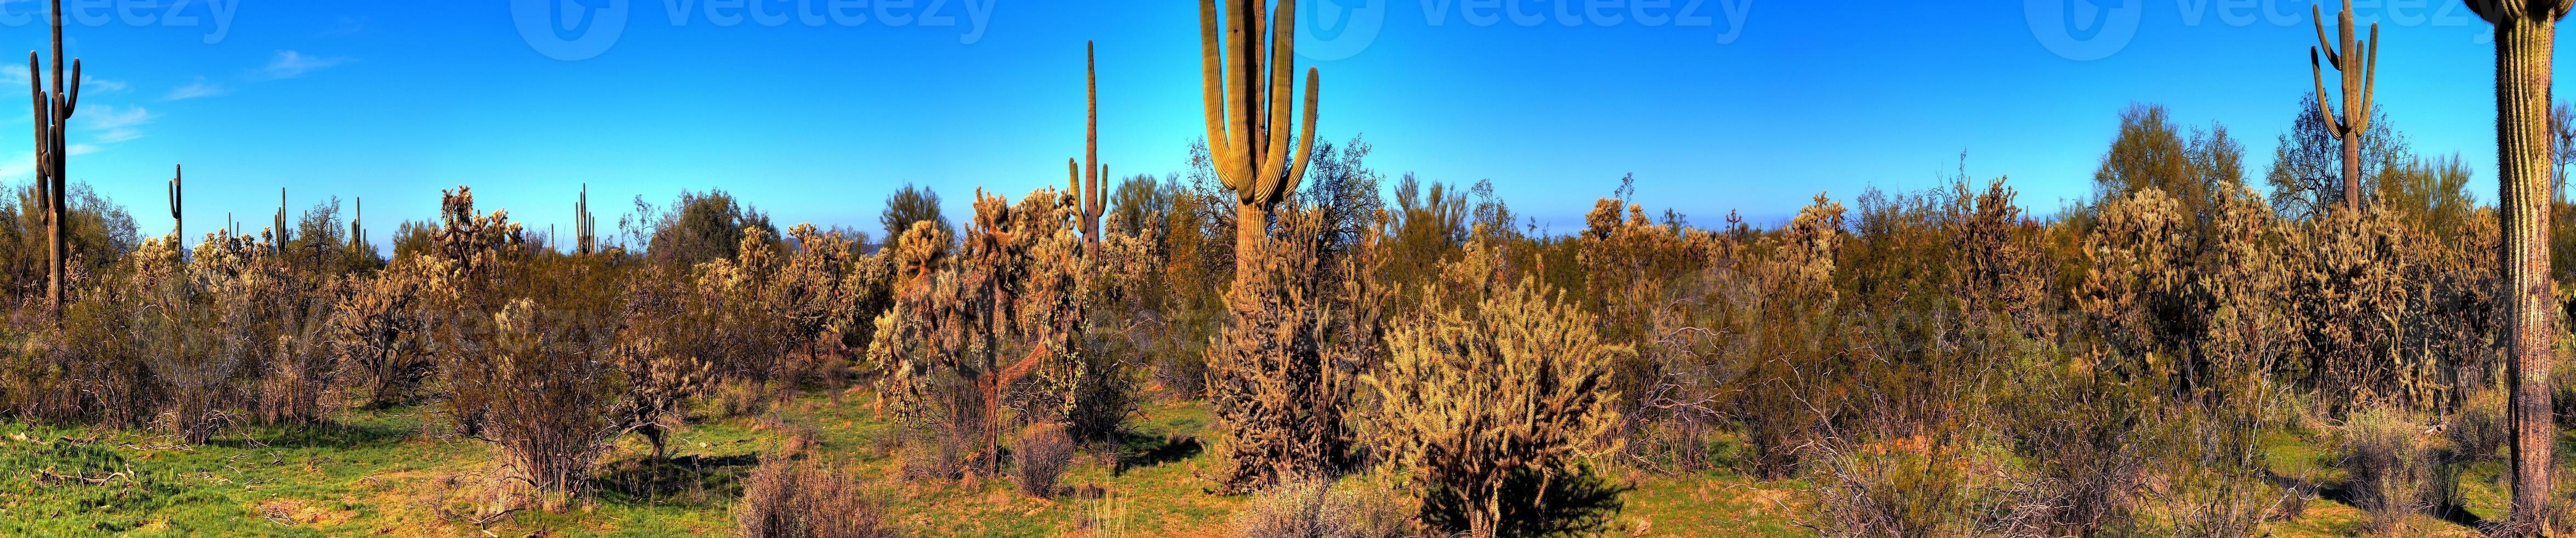 Wüsten-Saguaro-Kaktus-Panorama foto